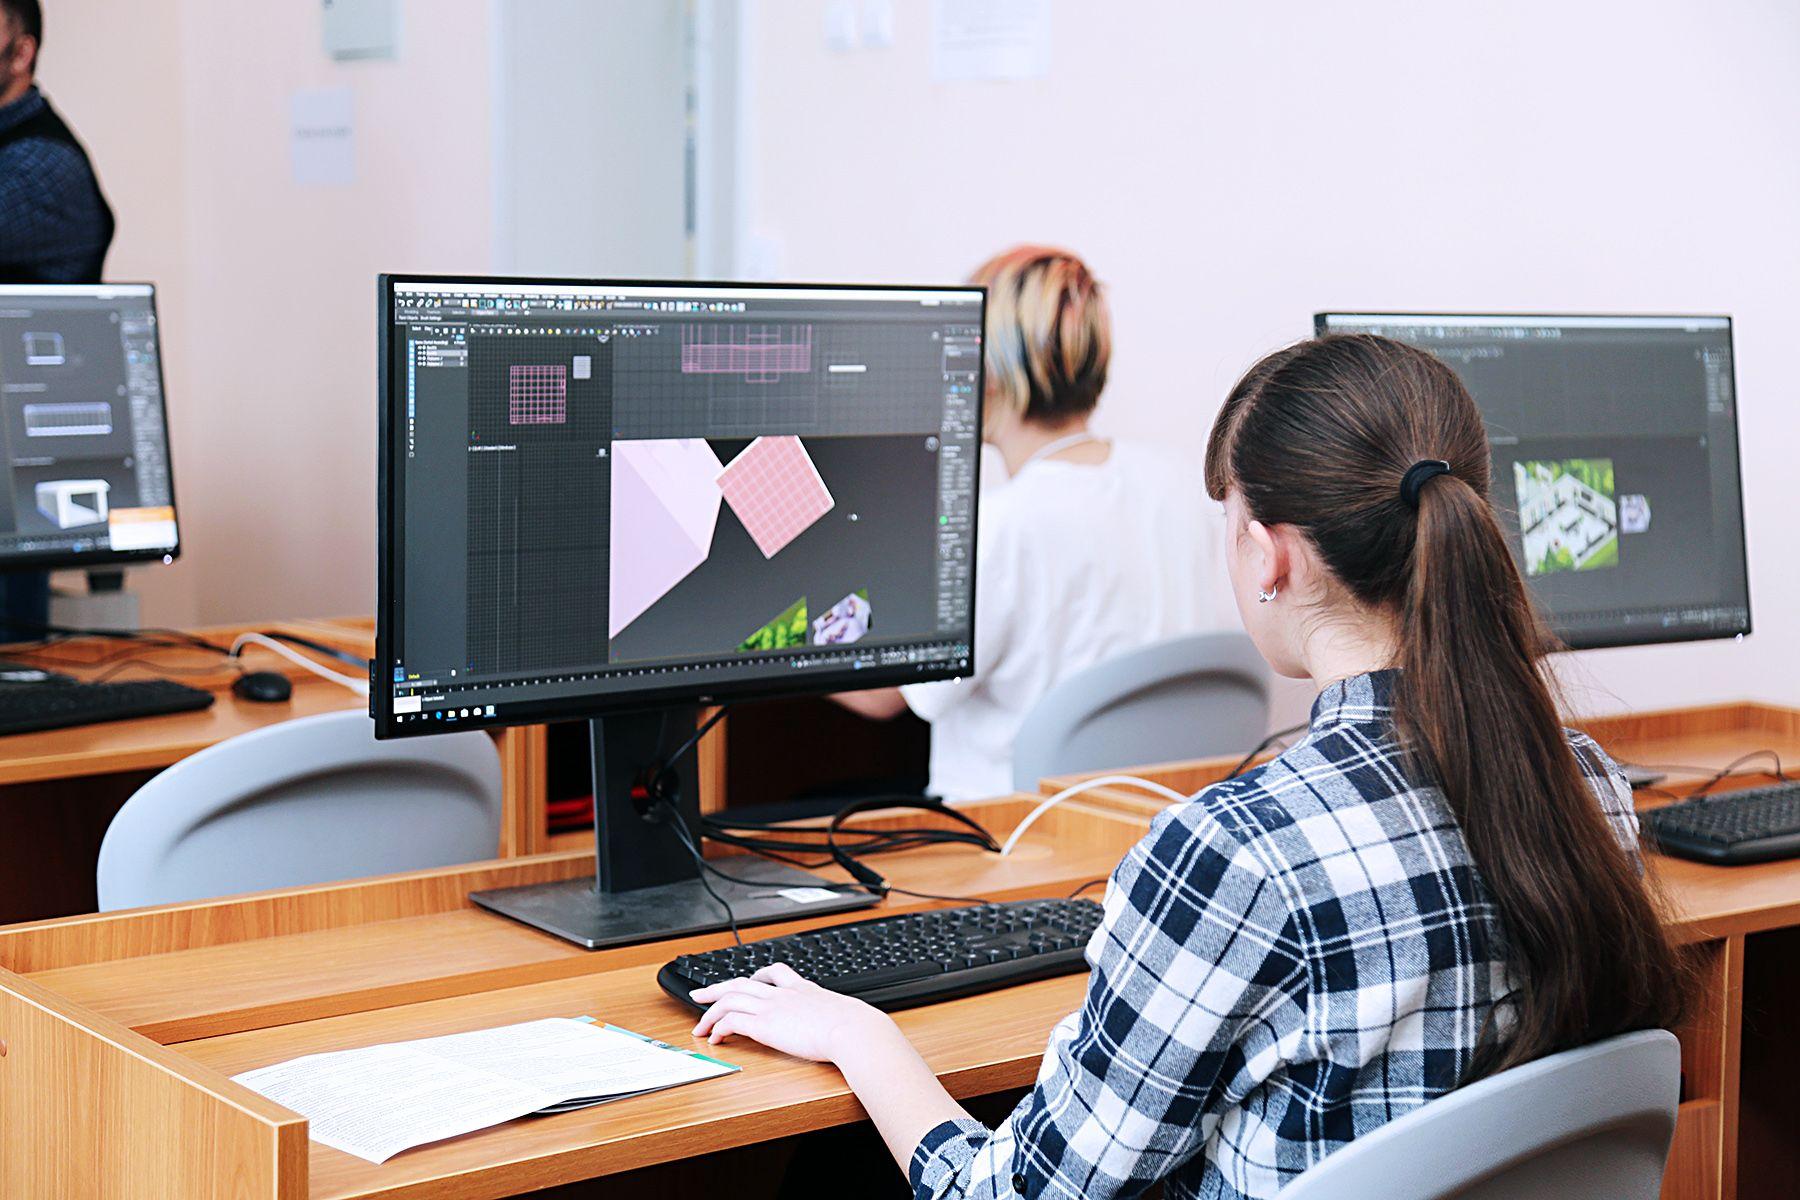 ВГУЭС открывает новое направление бакалавриата «Цифровой дизайн»: 2D-графика, 3D-моделирование и анимация